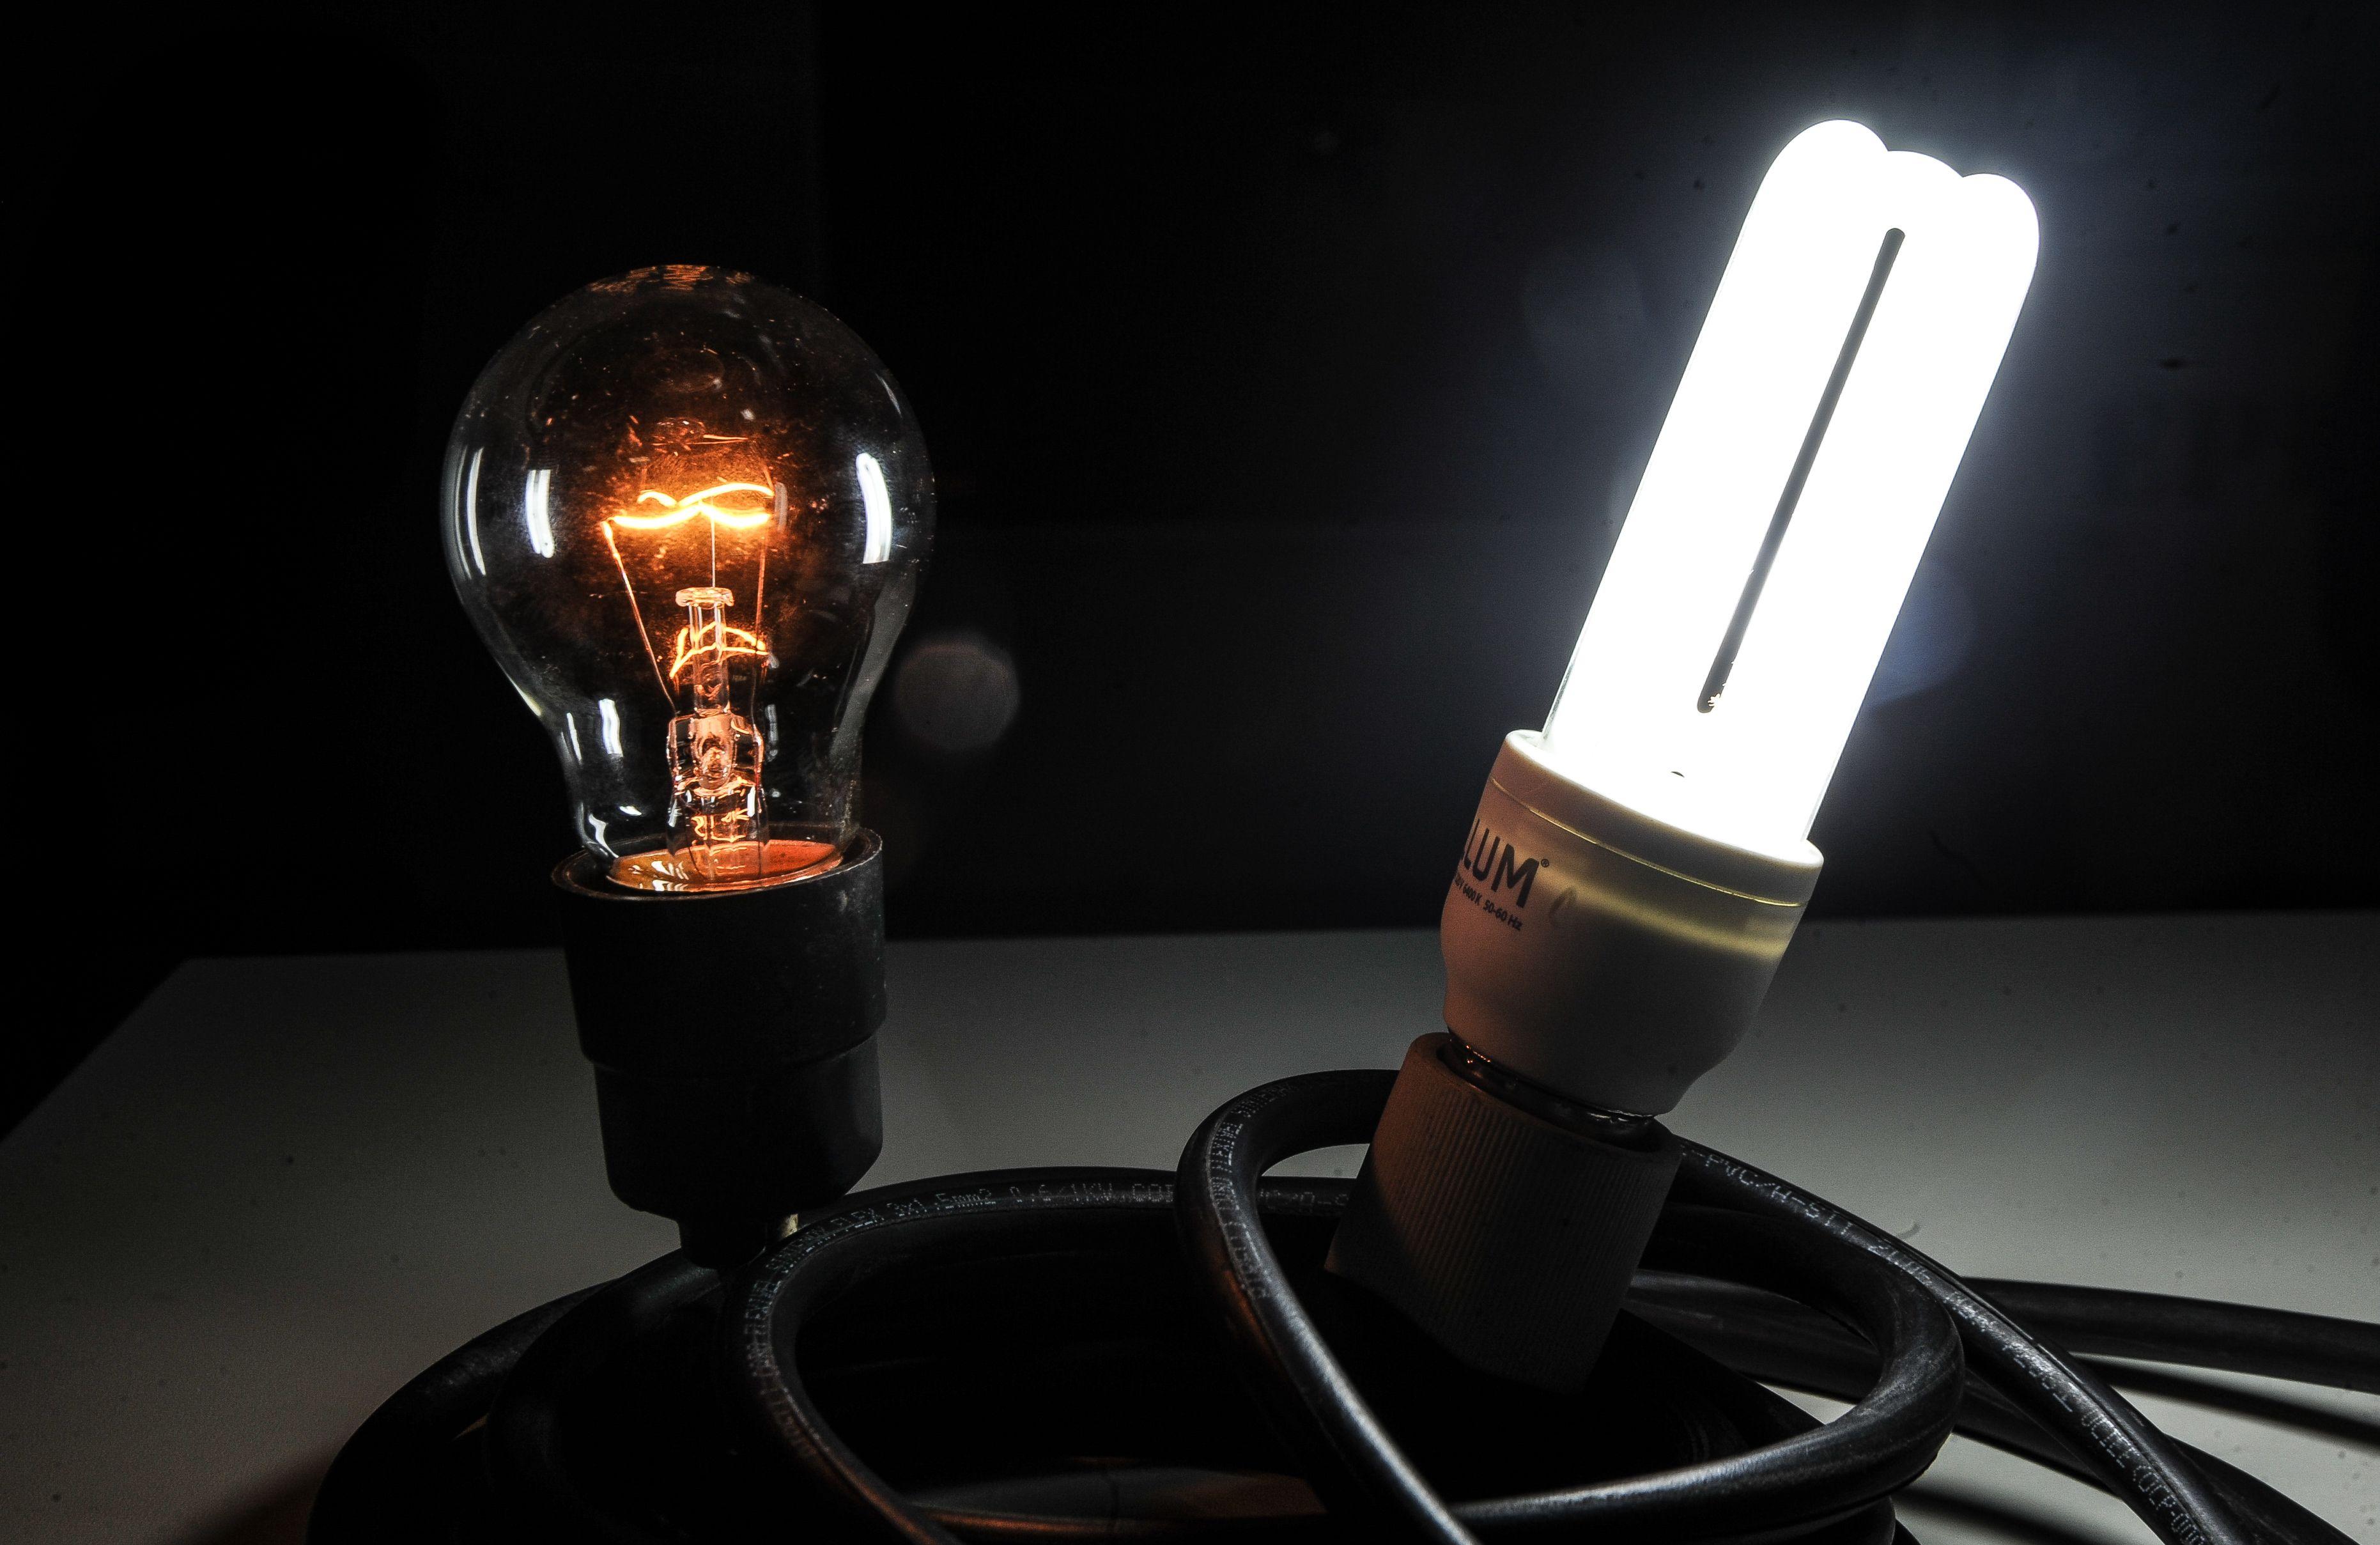 مصباح الإضاءة ويكيبيديا